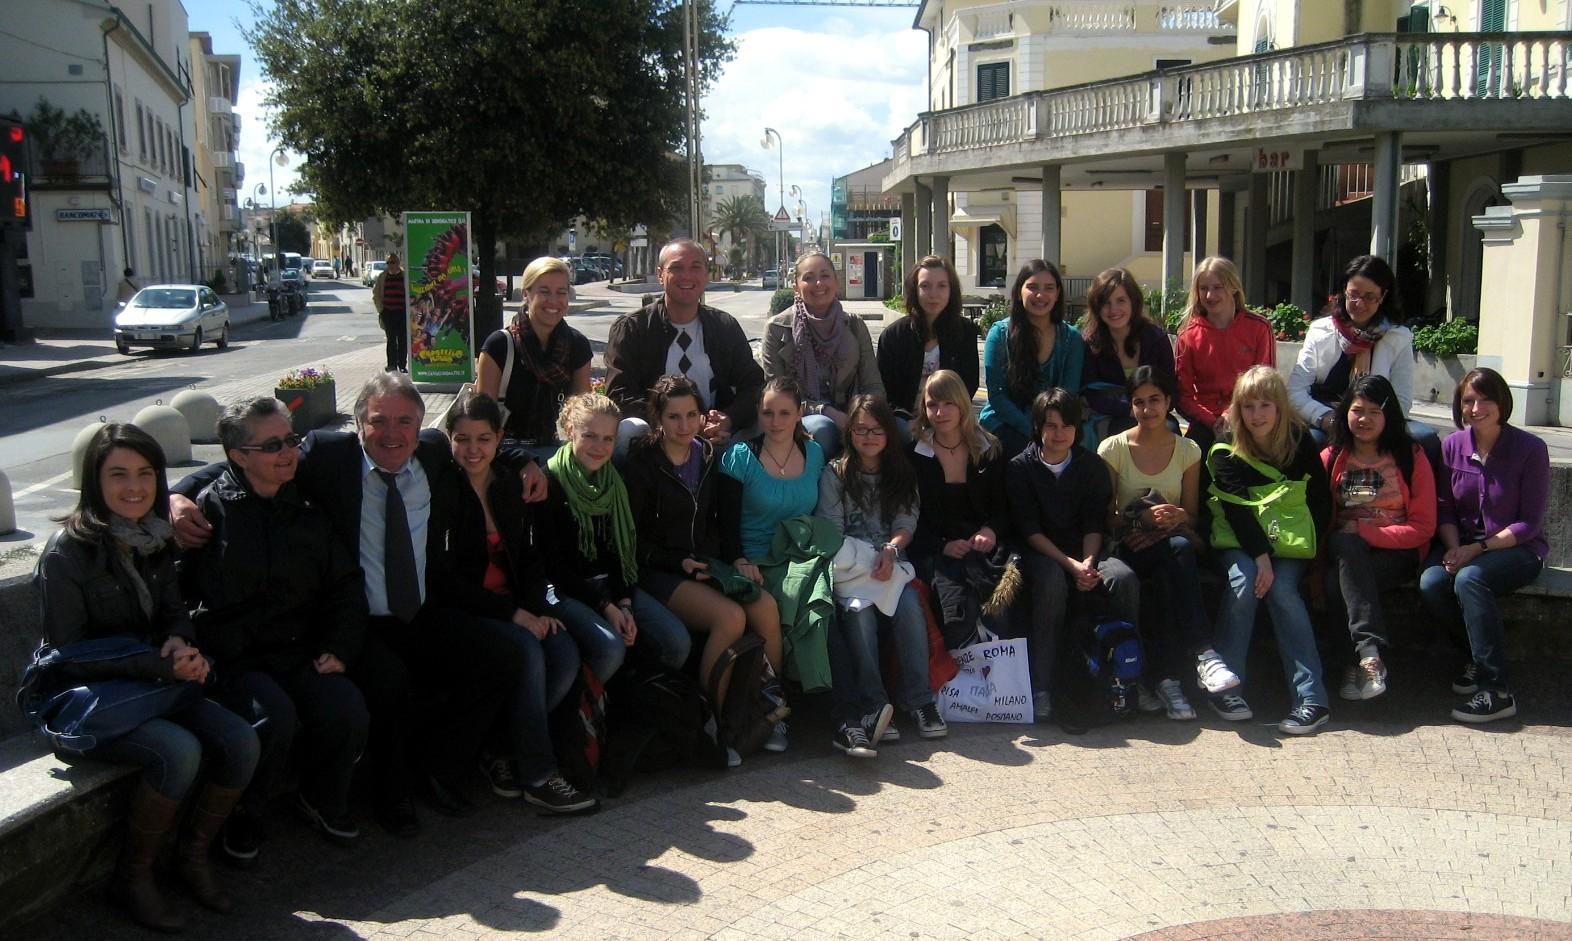 Foto di gruppo dei ragazzi tedeschi ospiti a San Vincenzo con gli amministratori di San Vincenzo